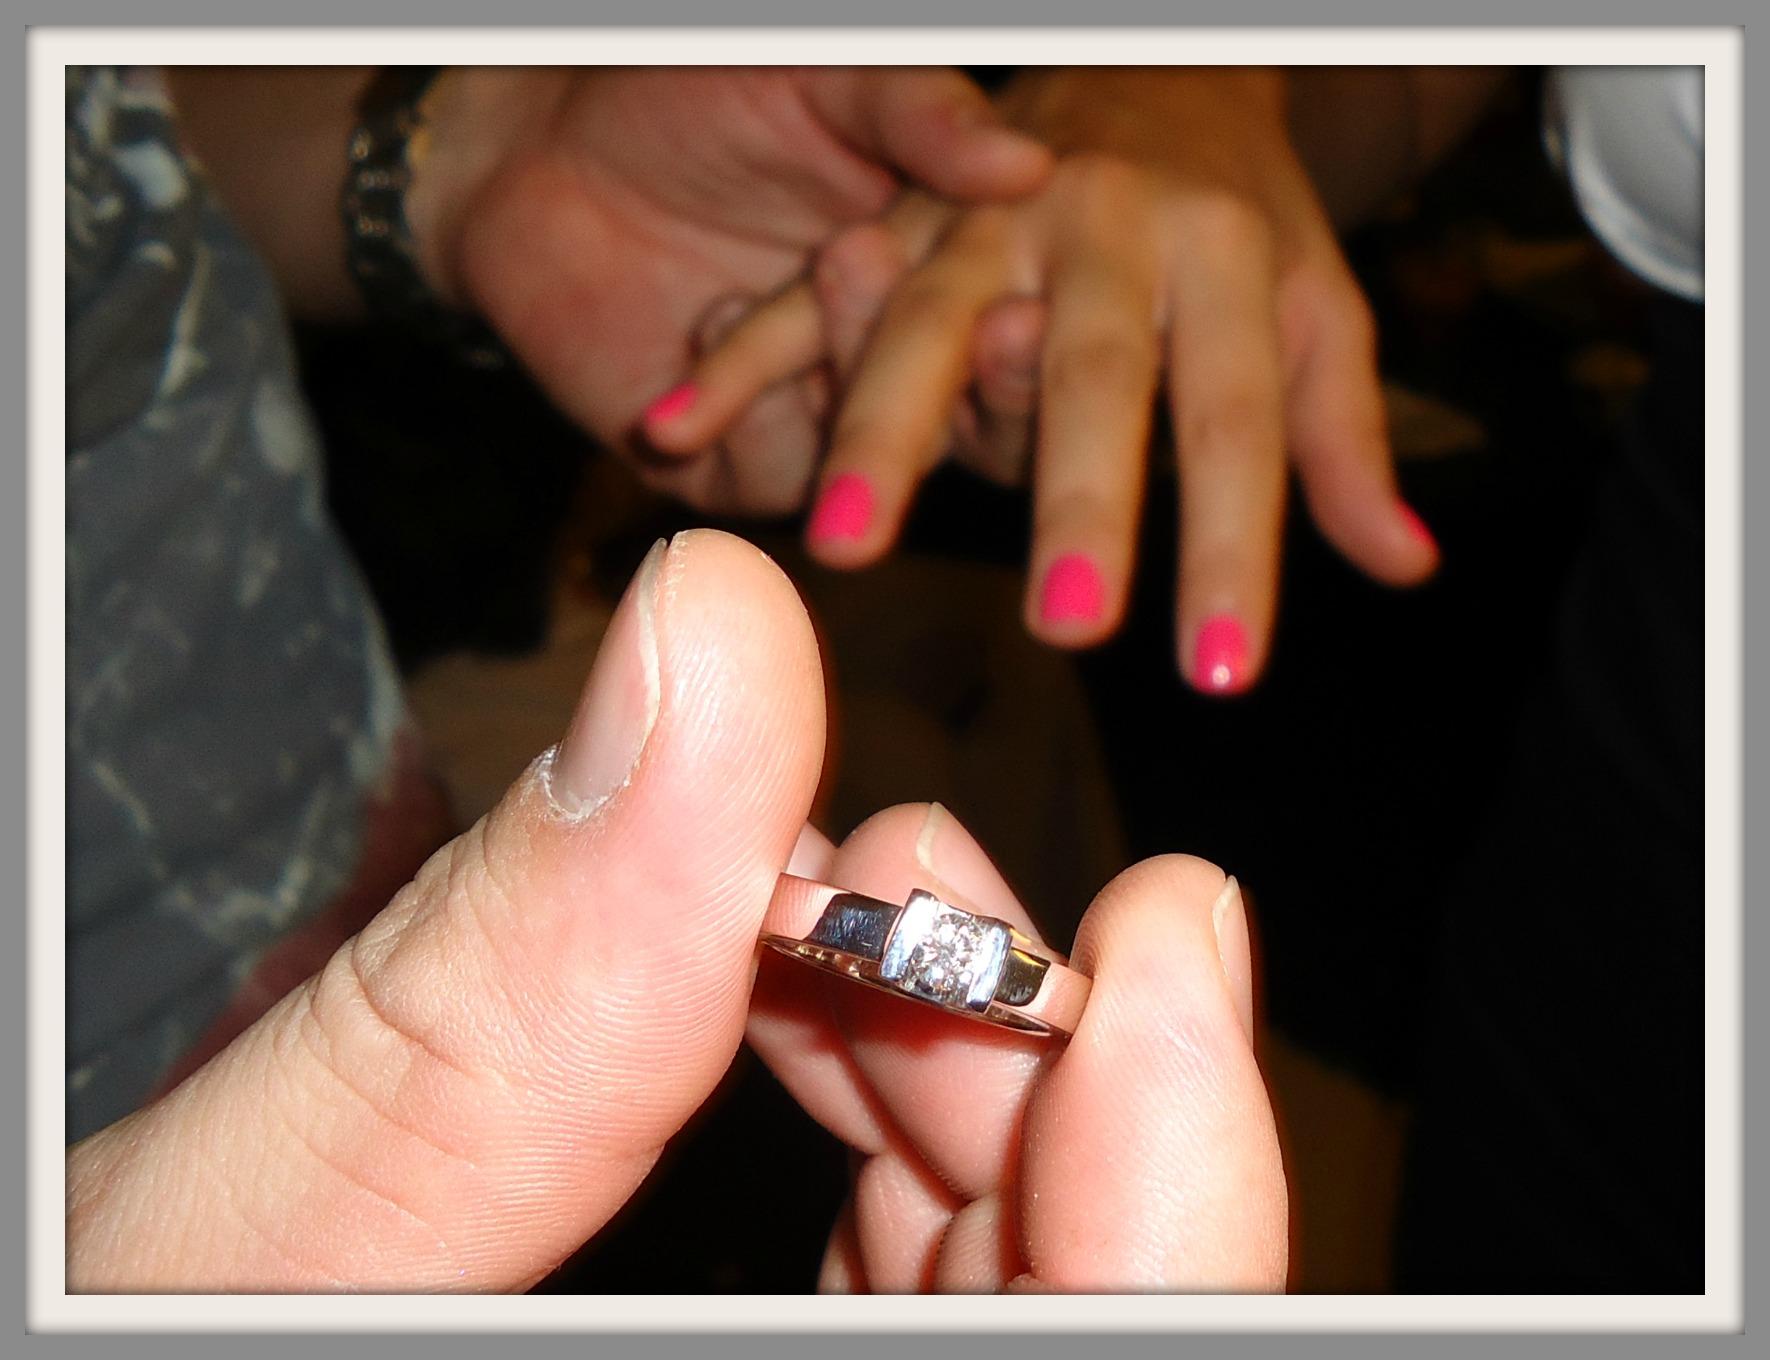 Dedo y orinar de mi novia